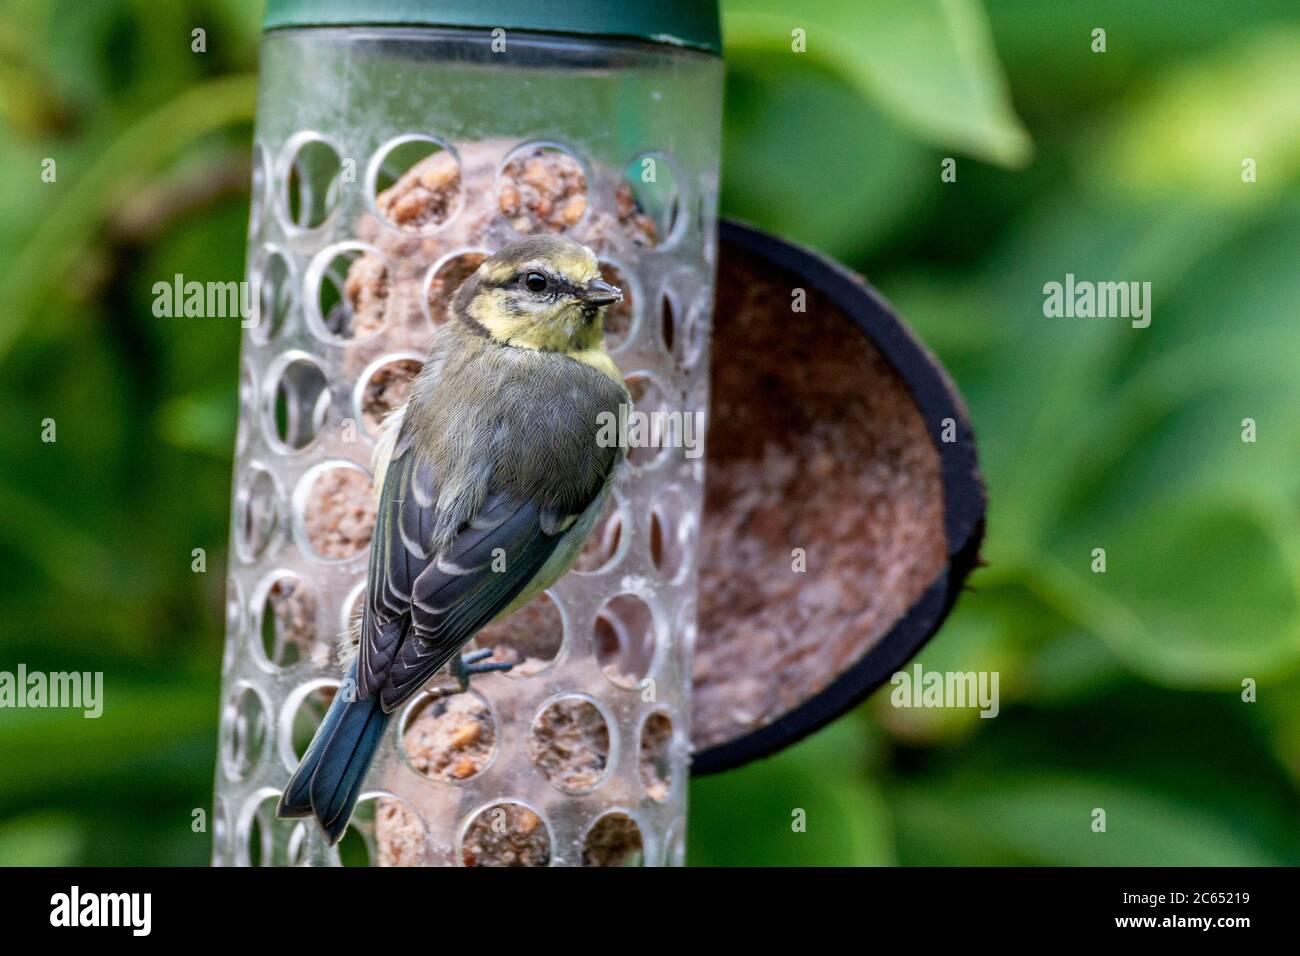 Juvenile Chiffchaff garden bird on a bird feeder. Stock Photo